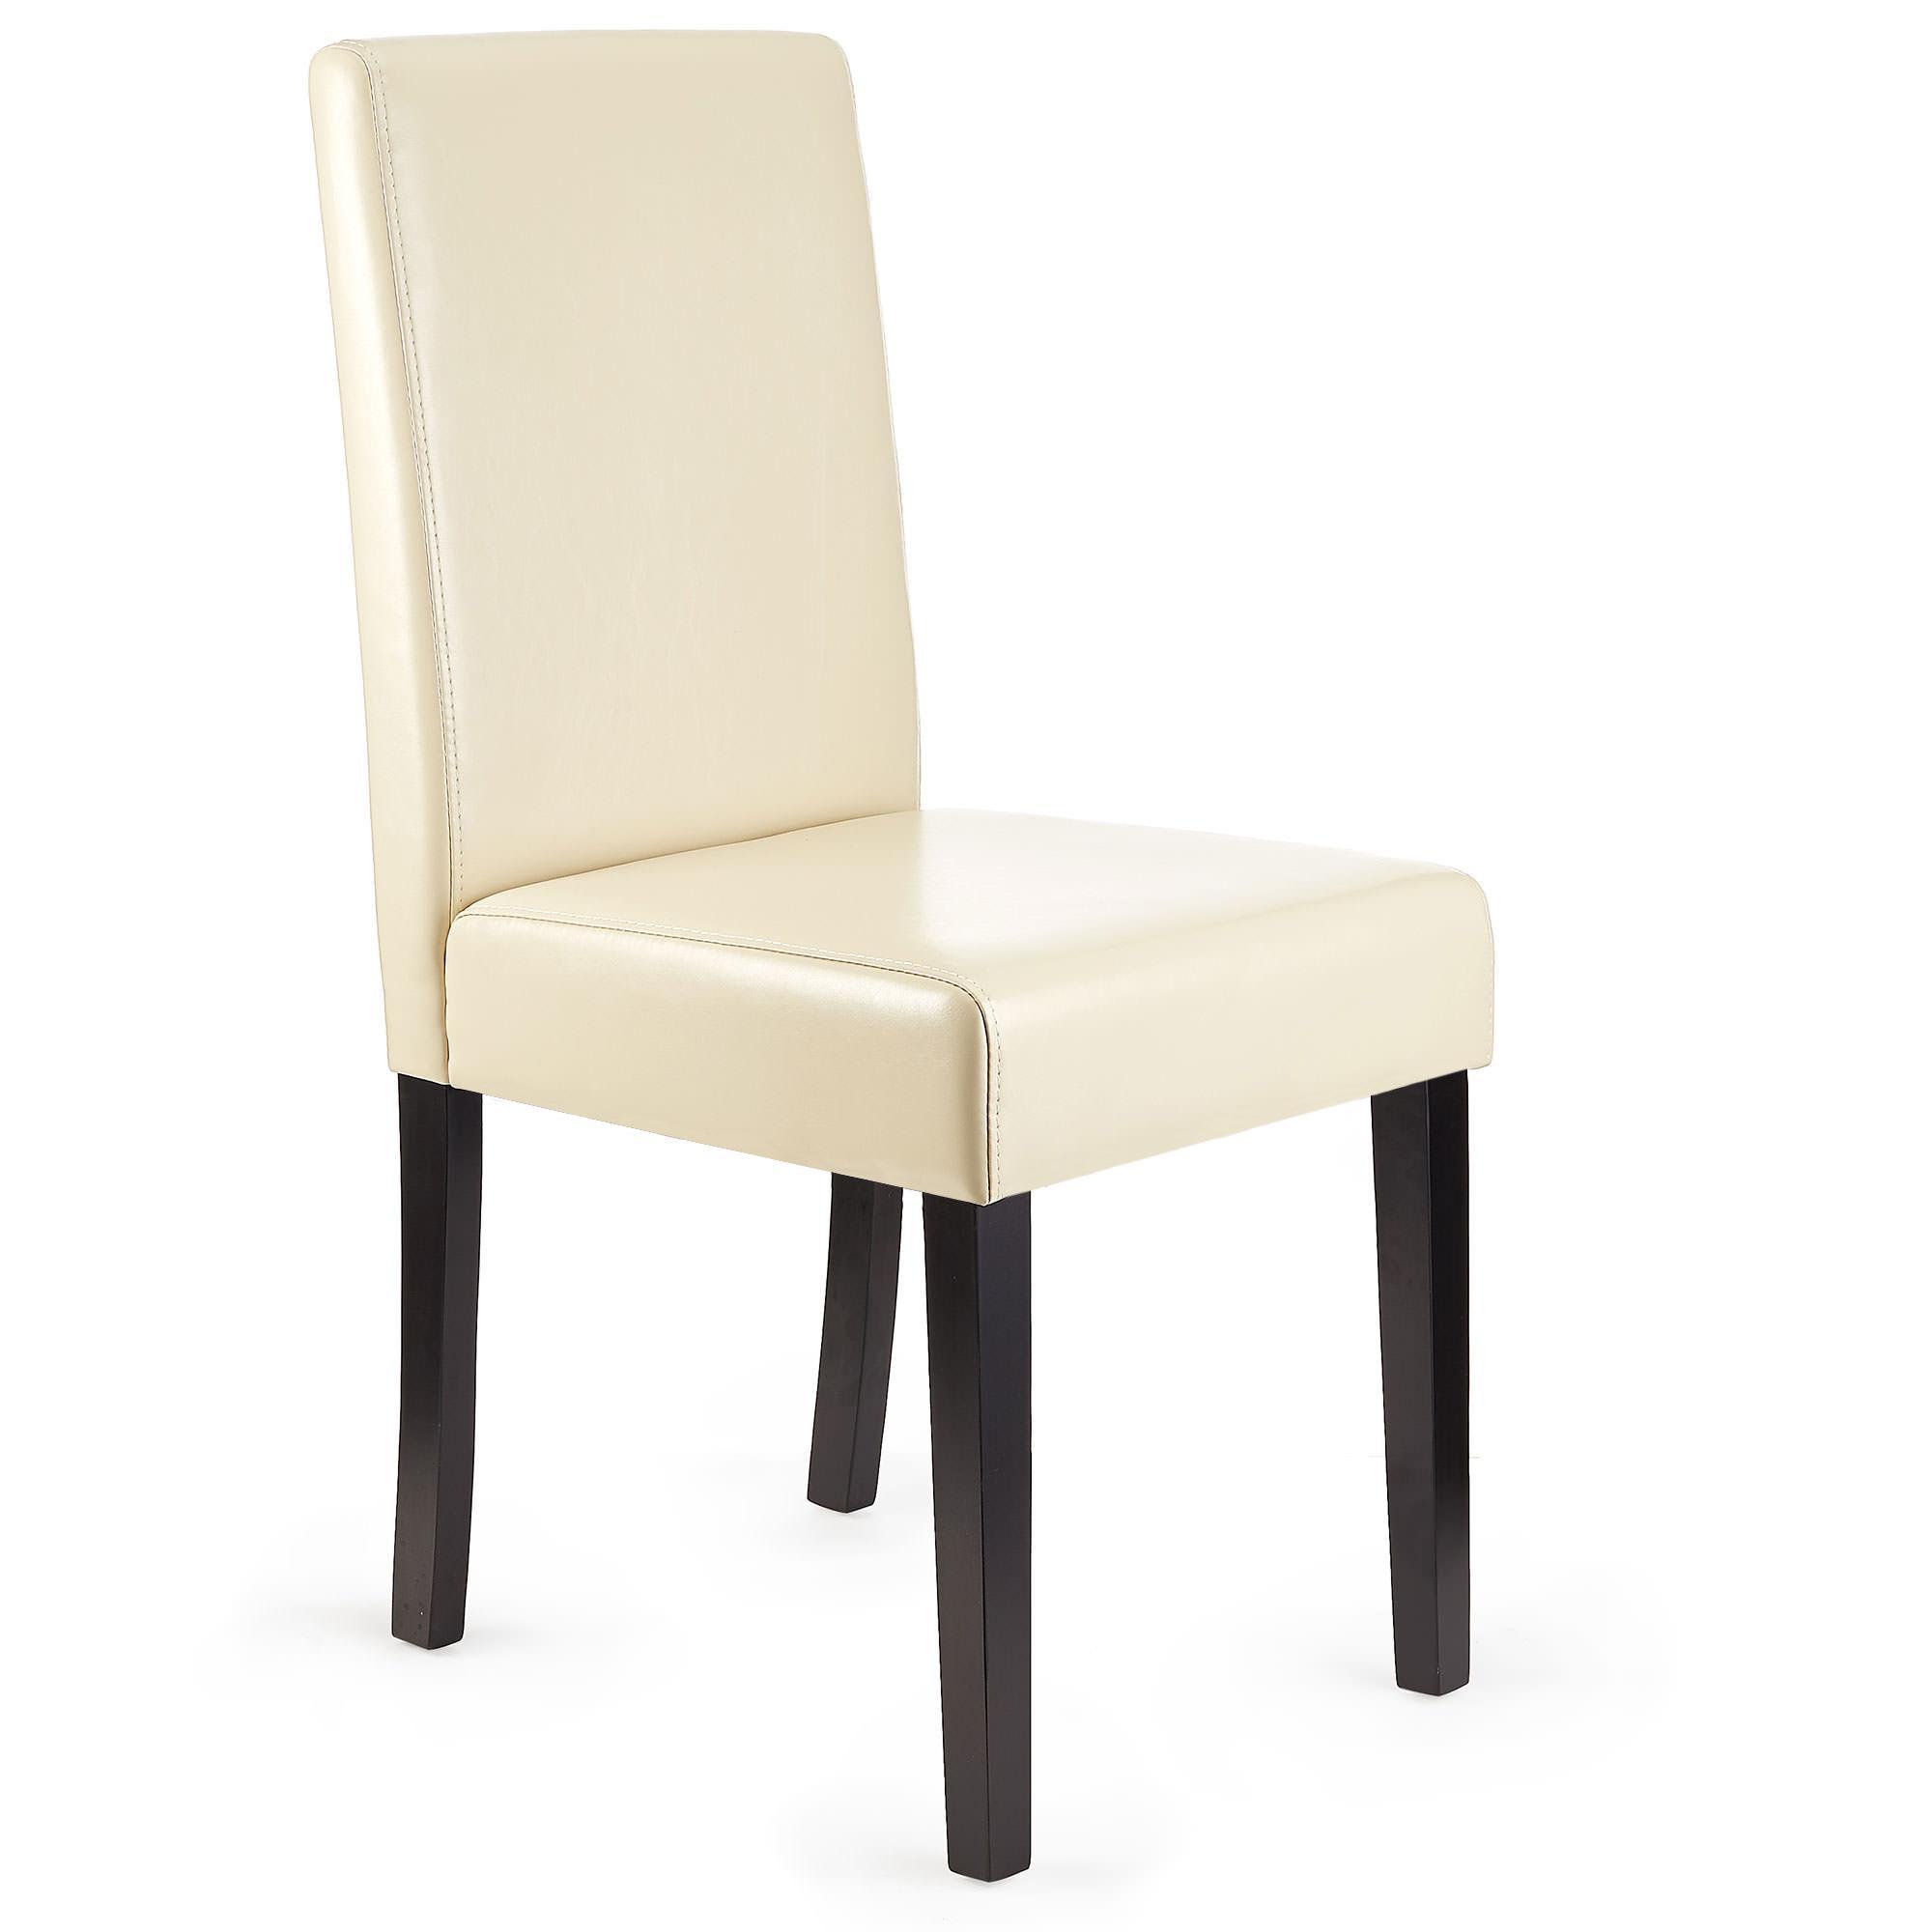 Lote 4 sillas de comedor litau piel real crema patas for Sillas de comedor tapizadas en piel